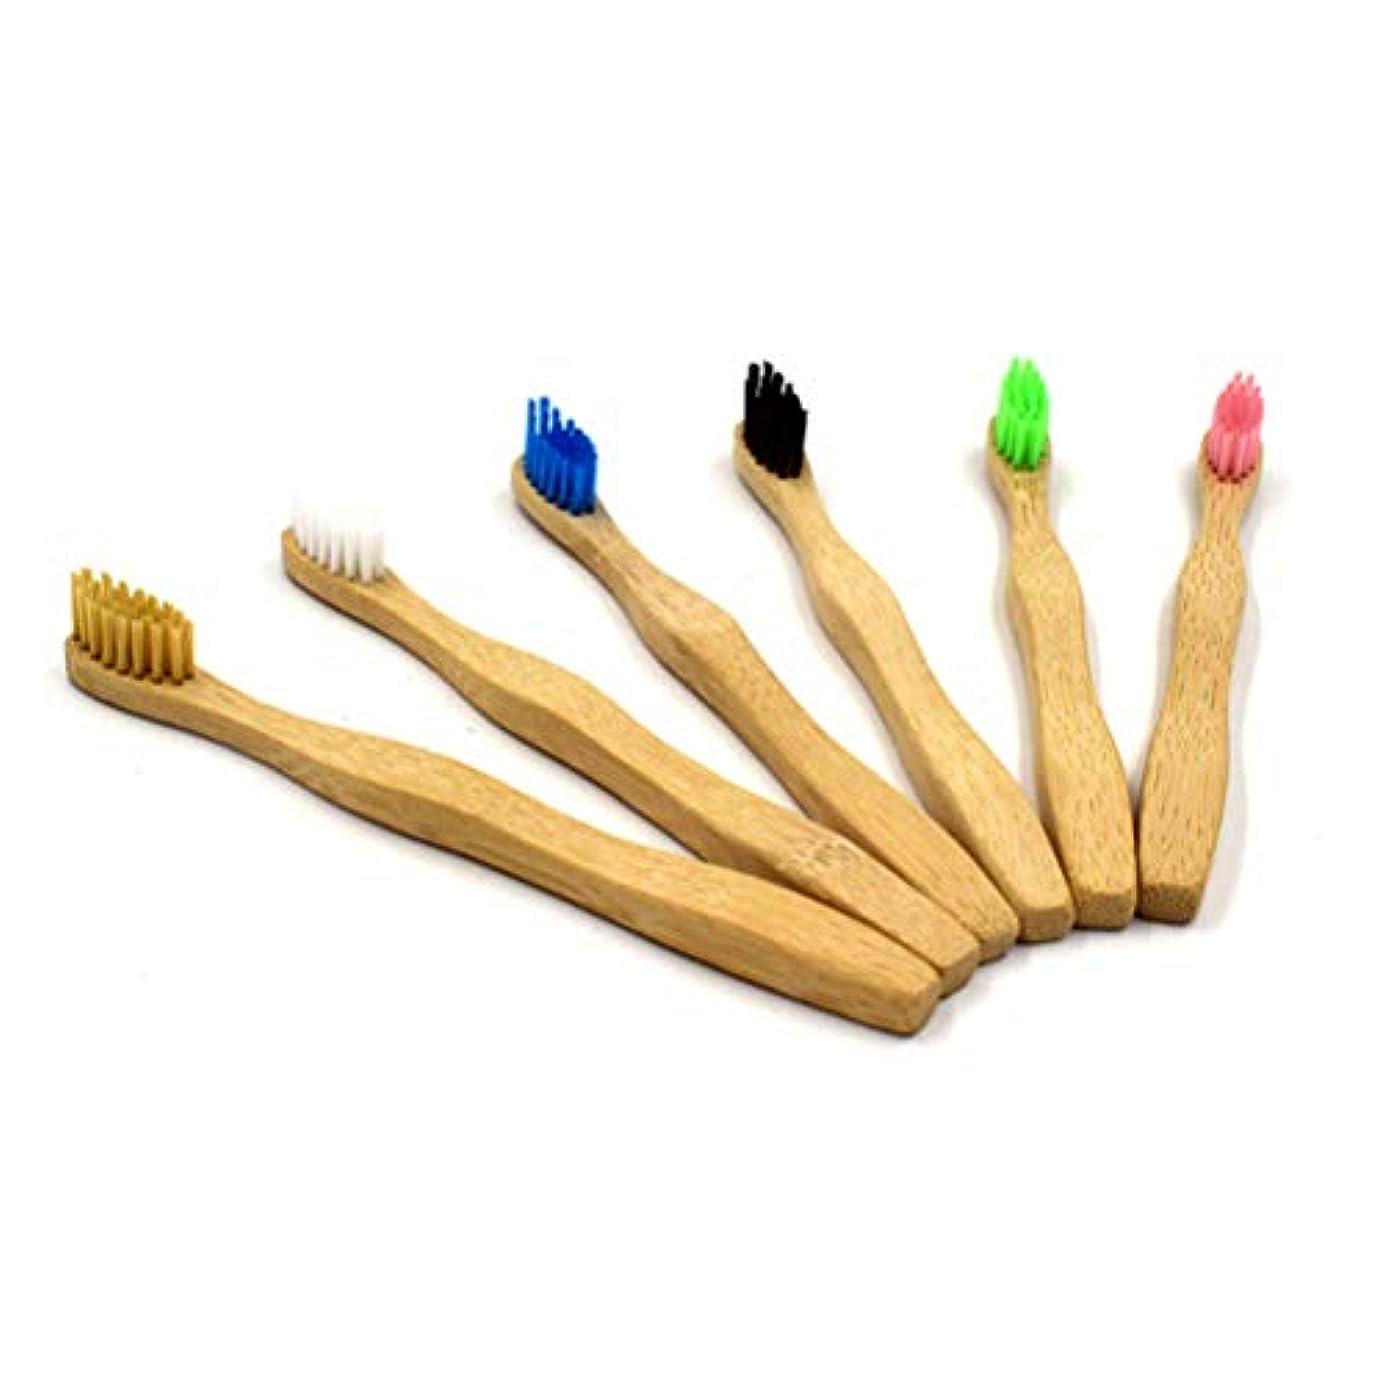 ミニチュア信仰ベッツィトロットウッドSUPVOX 家族のための振られたハンドルが付いている自然なタケ歯ブラシの木の環境に優しい歯ブラシ8個